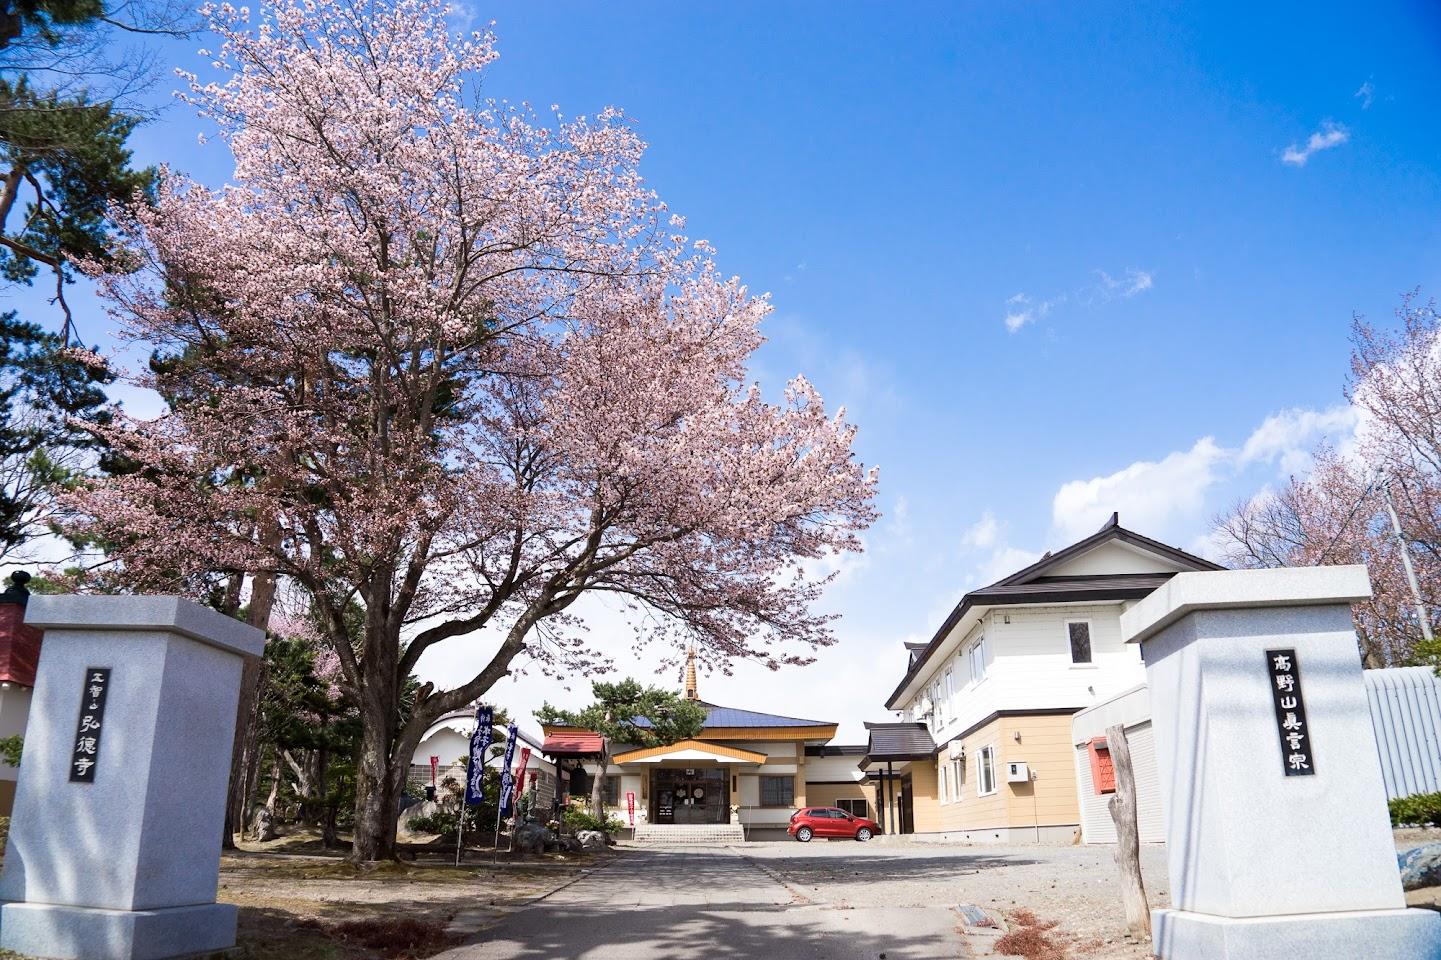 弘徳寺(第九番札所)の桜